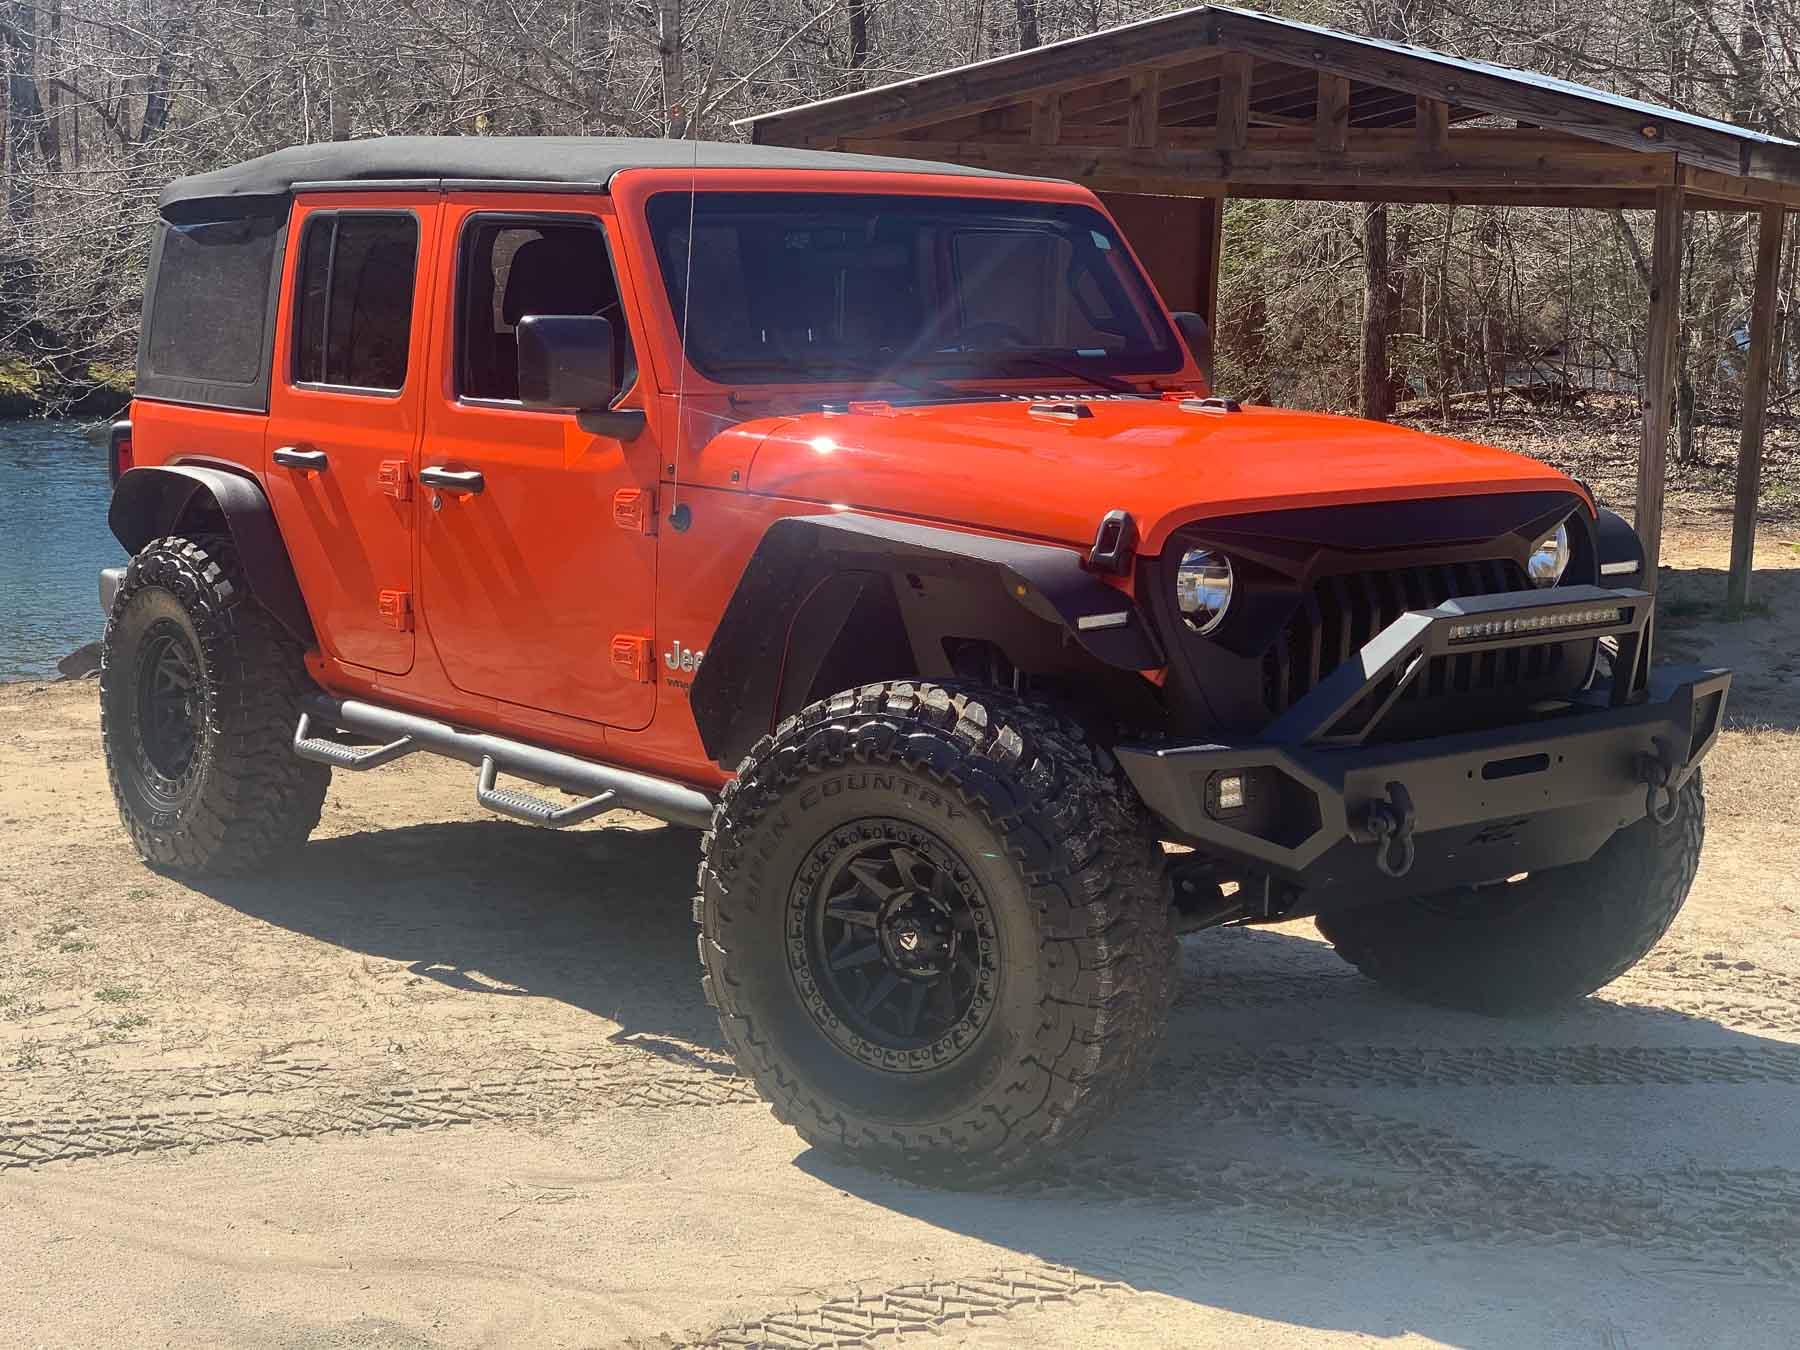 orange jeep by creek side